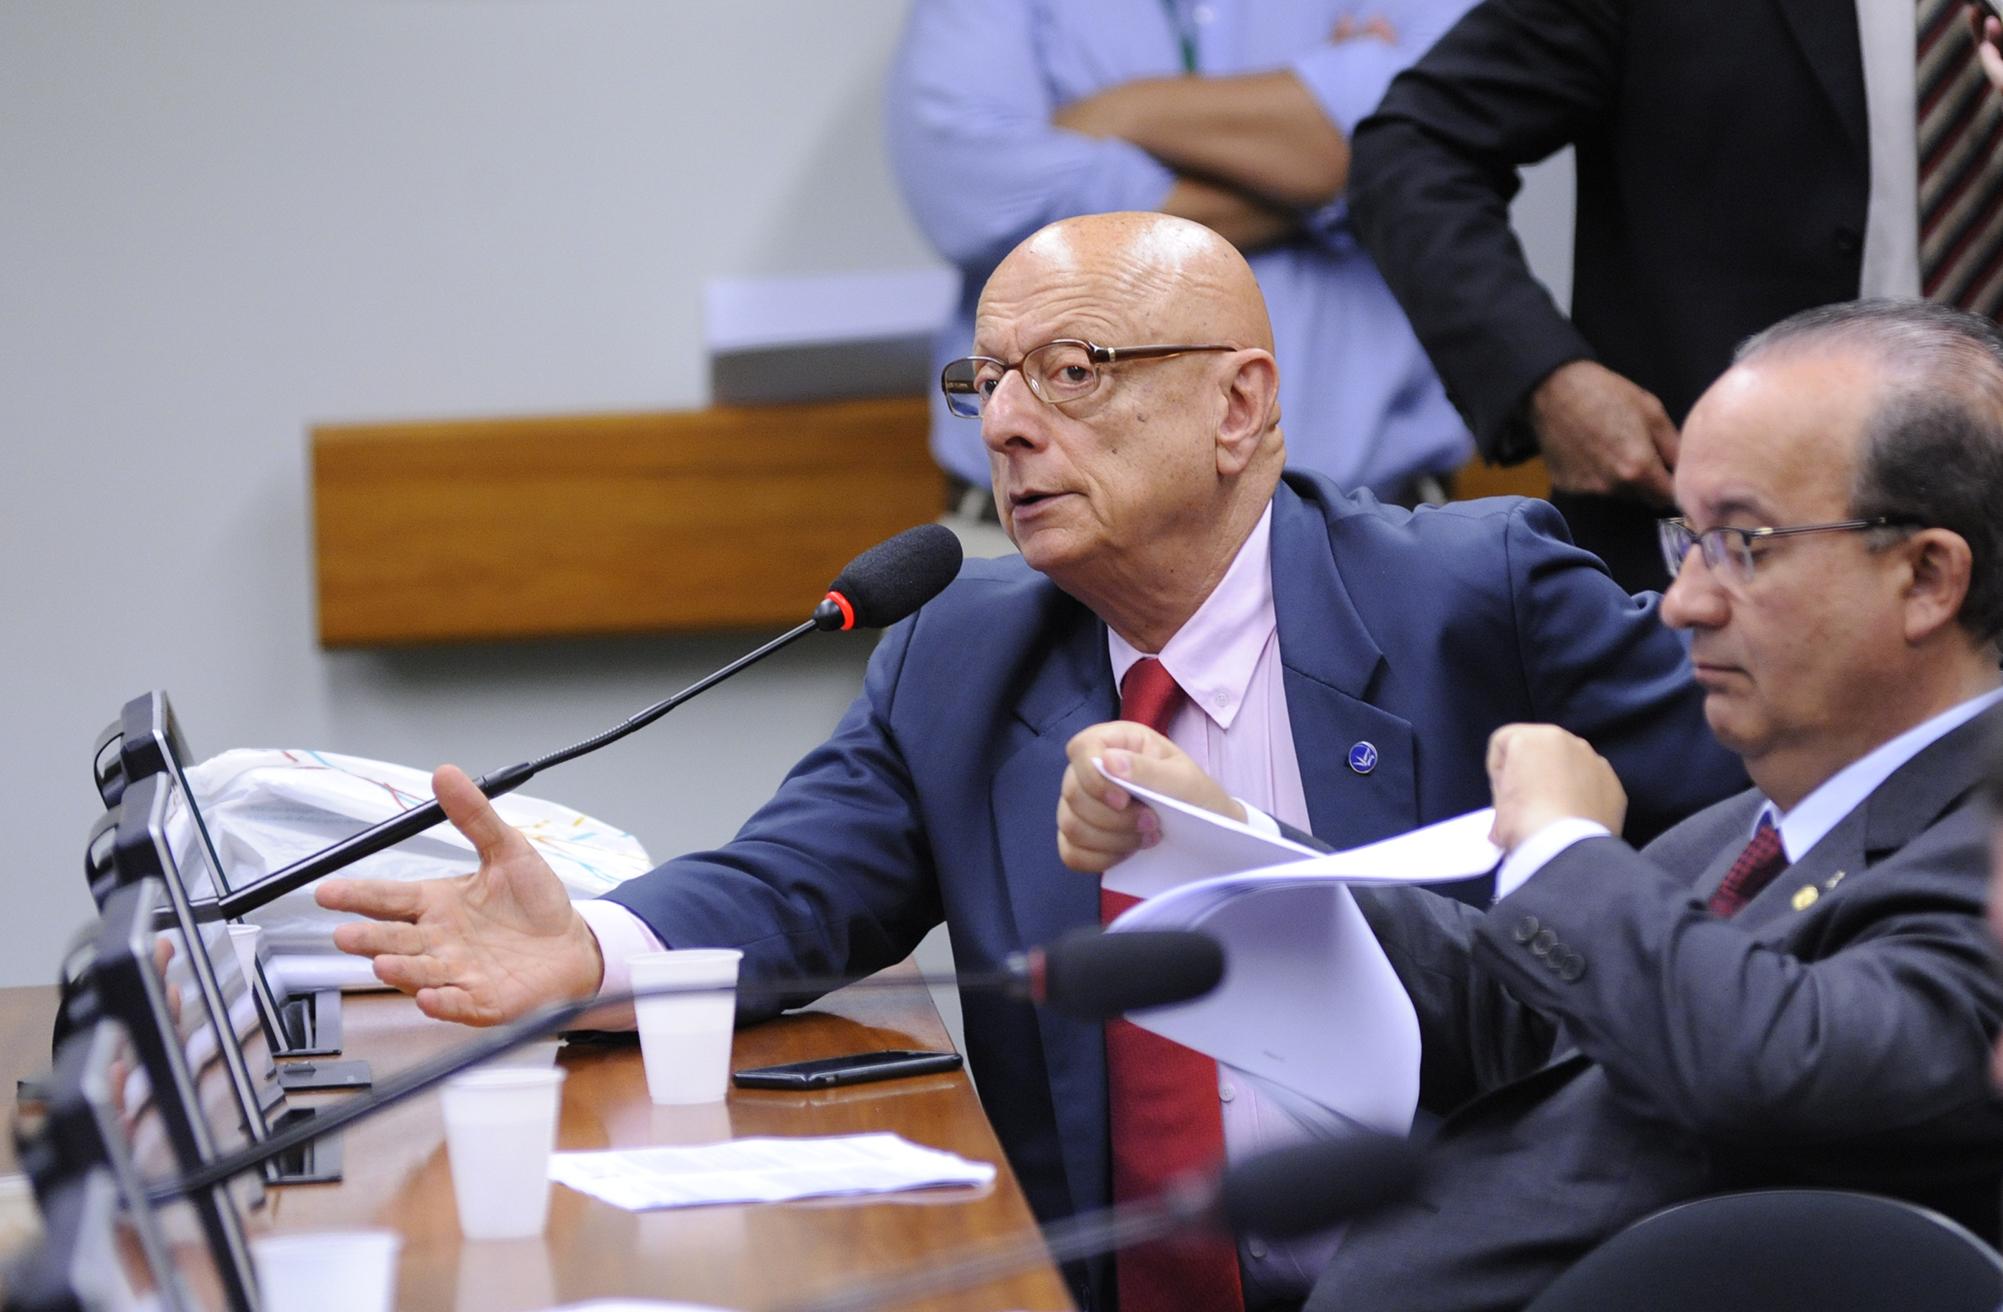 Reunião Ordinária. Dep. Esperidião Amin (PP-SC)